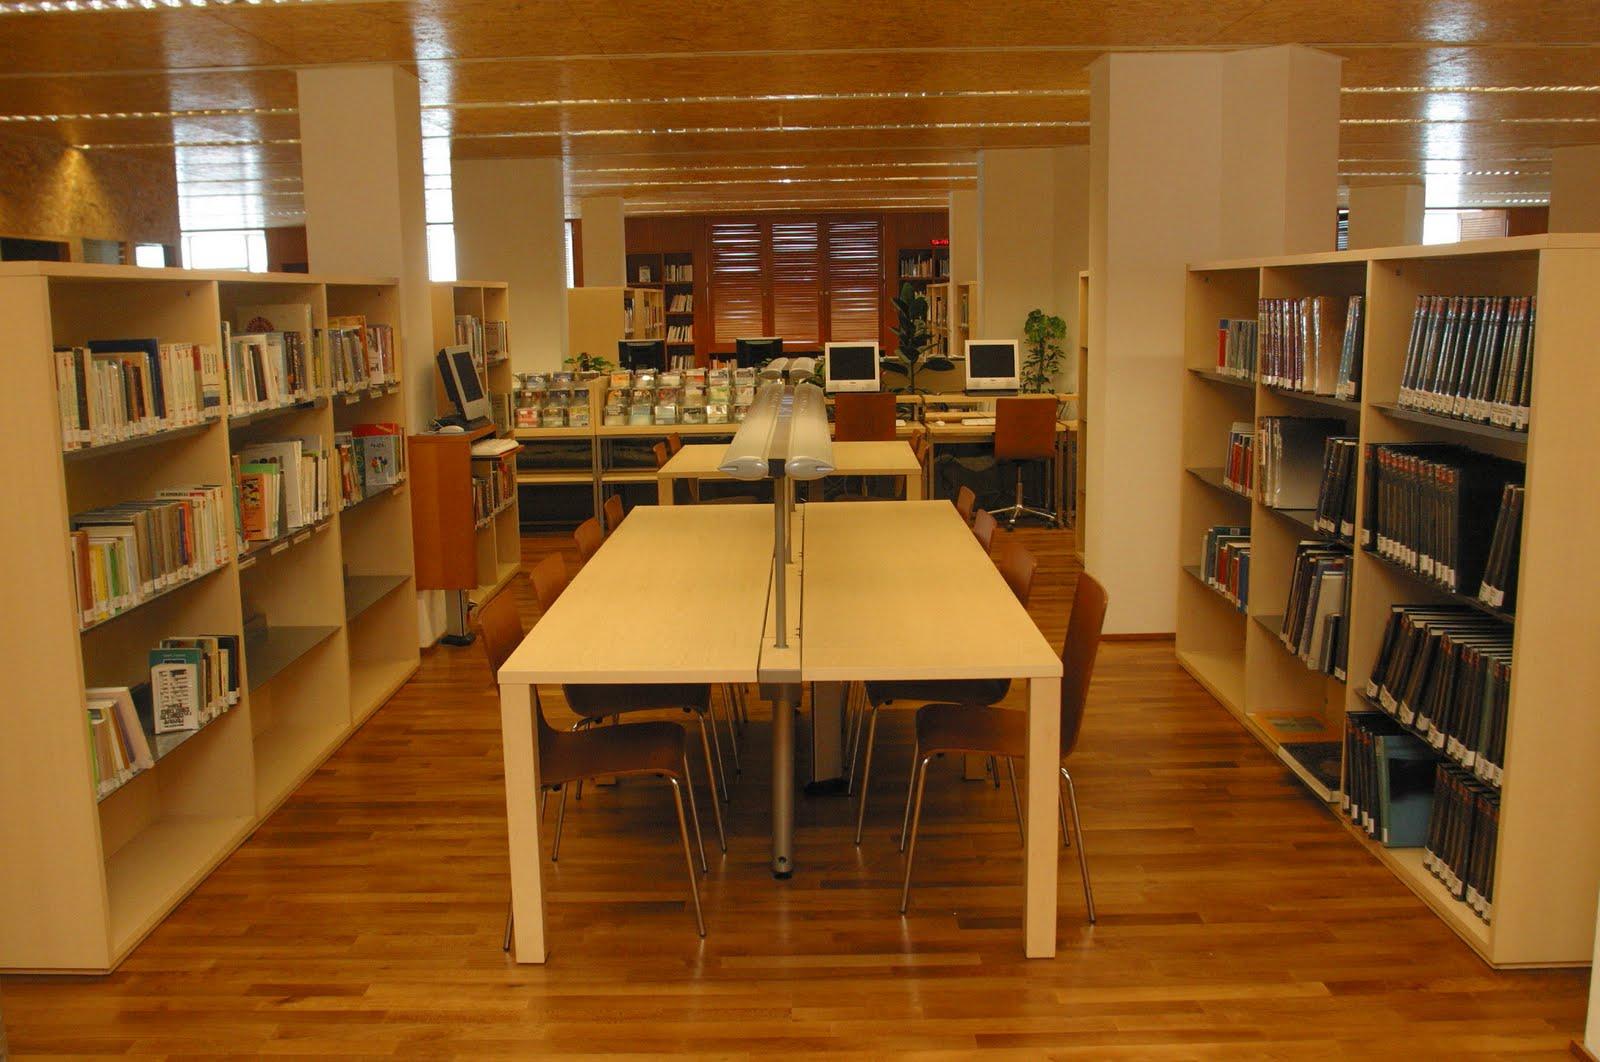 Muebles De Segunda Mano Coruña Q0d4 Granada Estrenarà Una Nueva Biblioteca Con La Puesta En Marcha De La